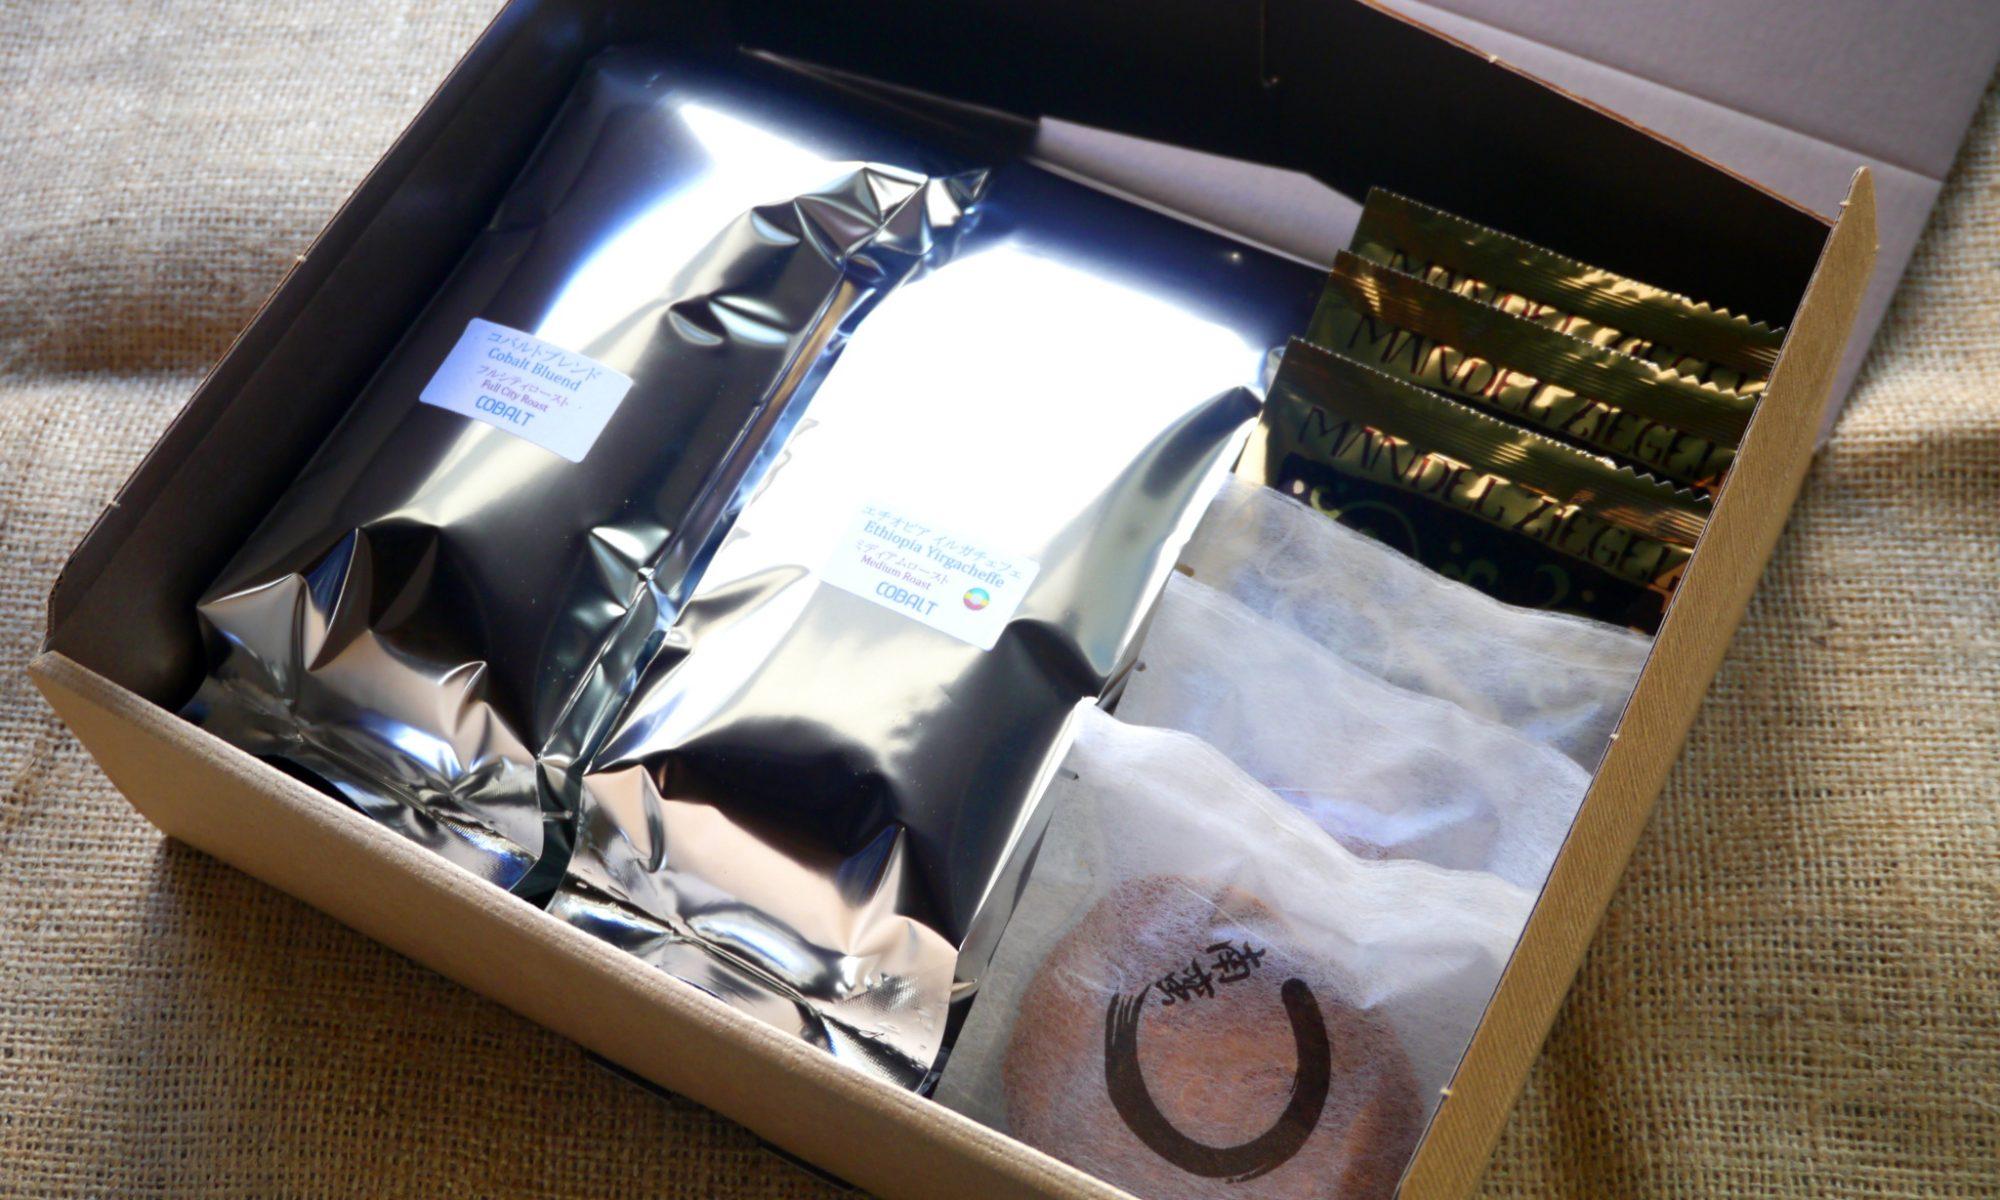 コーヒー豆とチュイルアマンド(南蛮、マンデルチーゲル)のギフトセット